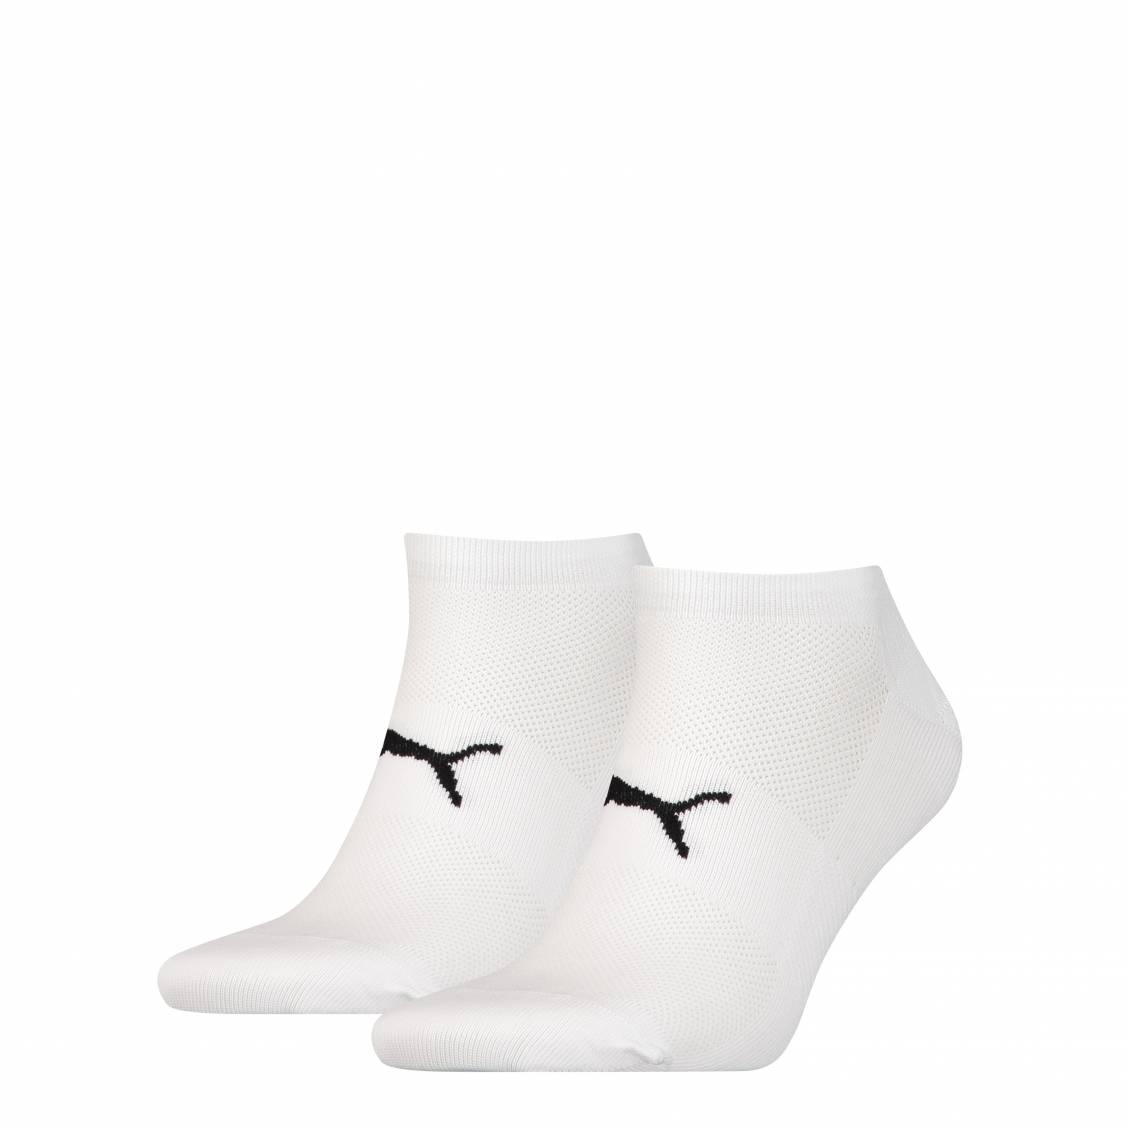 achats france pas cher vente pourtant pas vulgaire Lot de 2 paires de socquettes Puma Performance Train Light Sneaker en  microfibre blanche | Rue Des Hommes